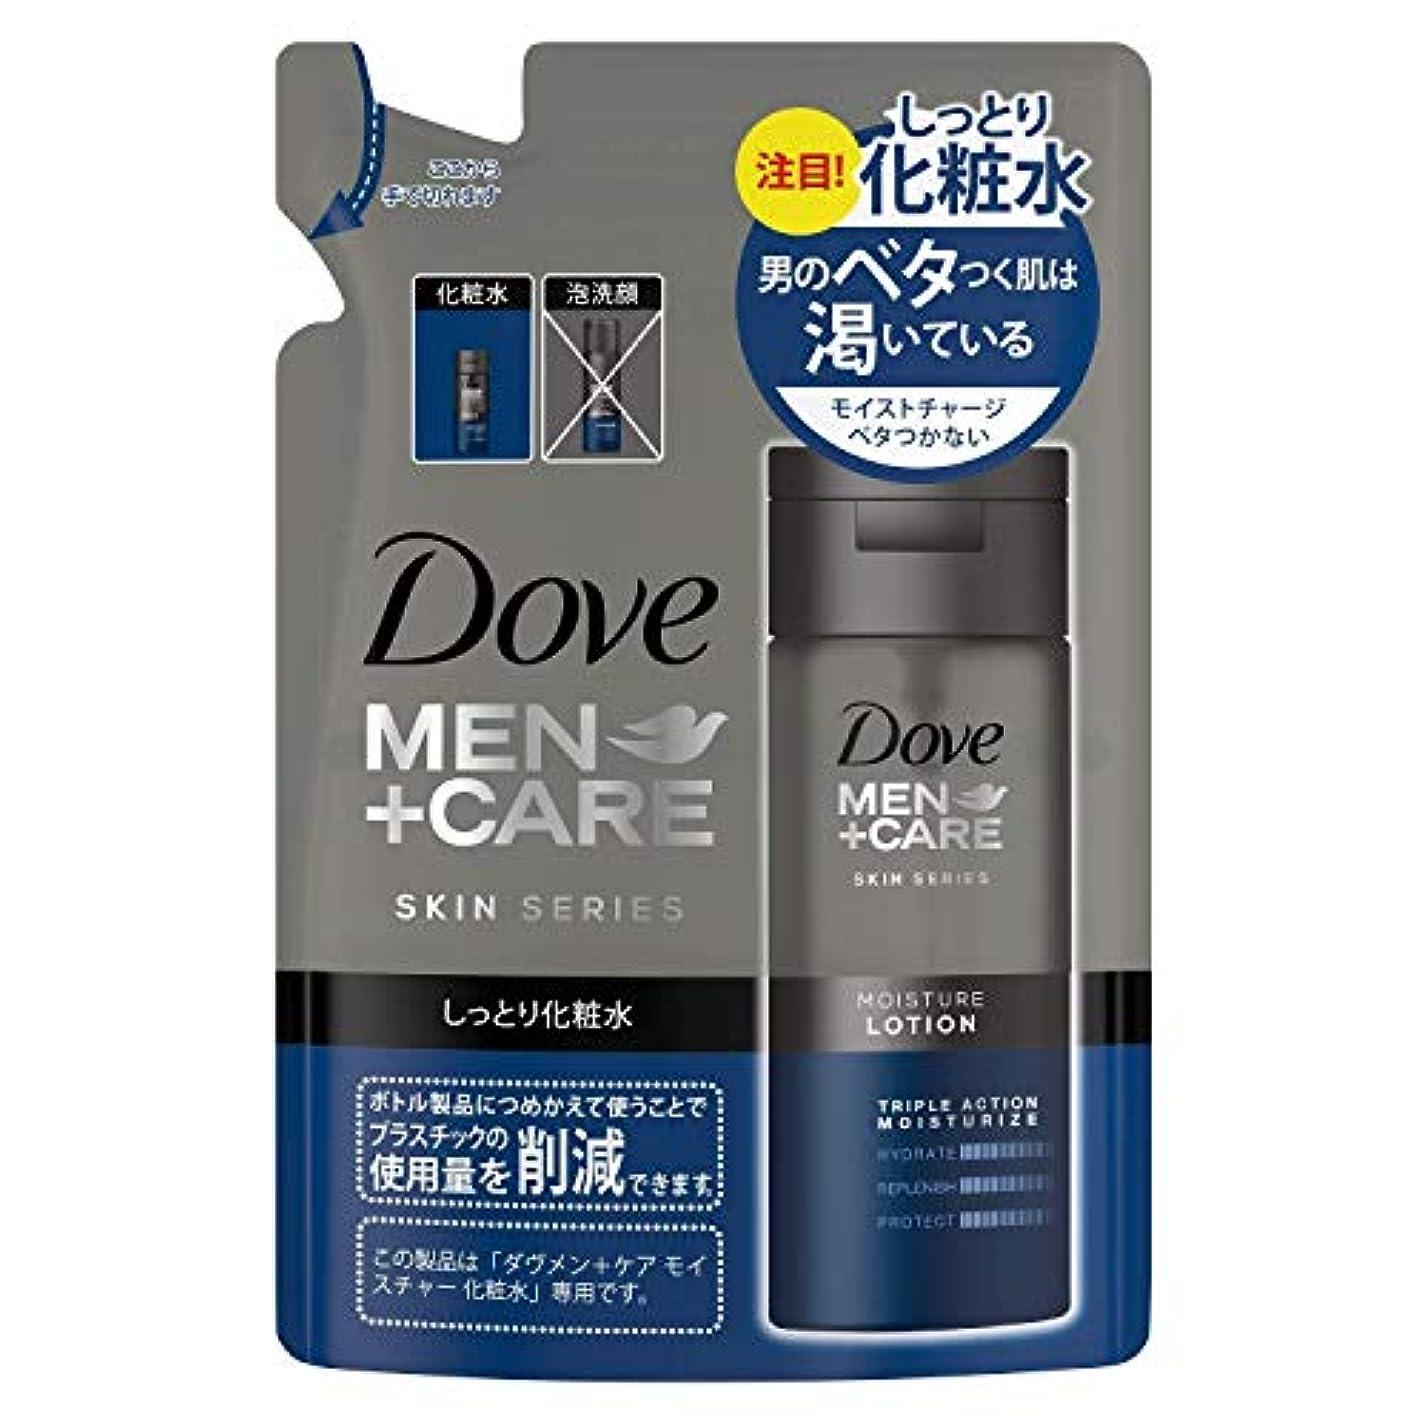 負担重大着替えるダヴメン+ケア モイスチャー 化粧水 つめかえ用130ml×3点